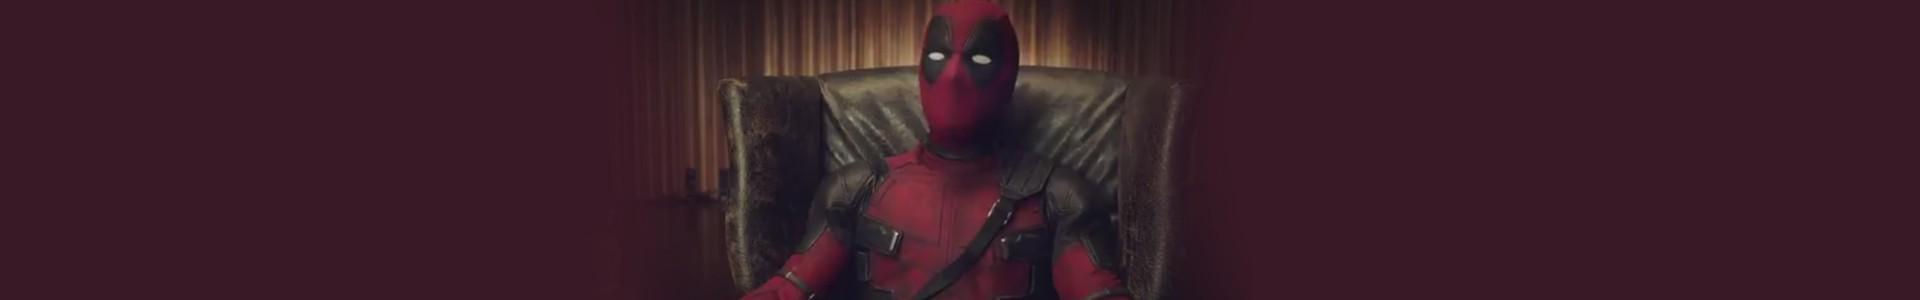 Deadpool falando português em vídeo promocional para CCXP